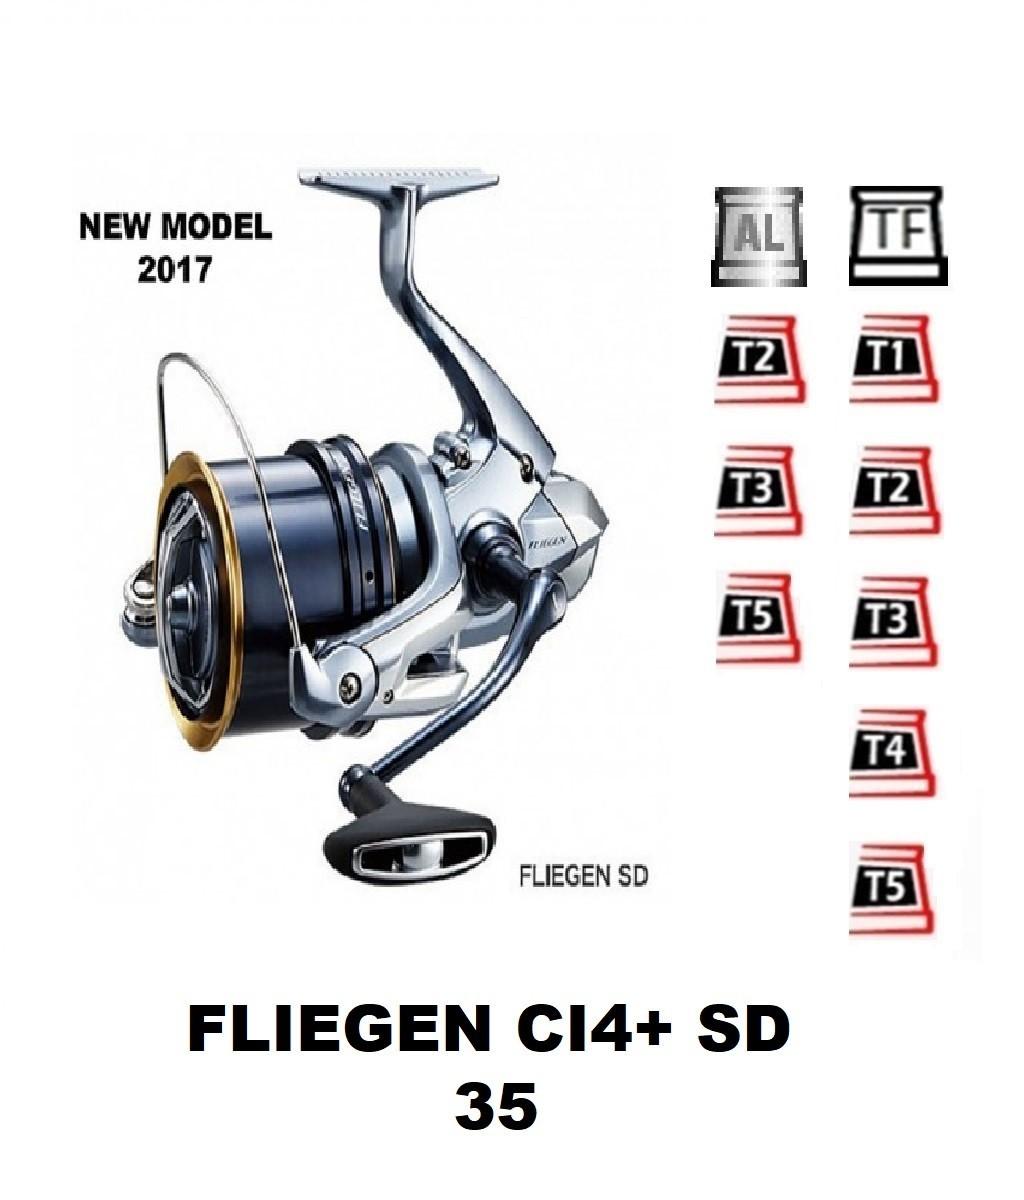 Fliegen sd 35 (2017)